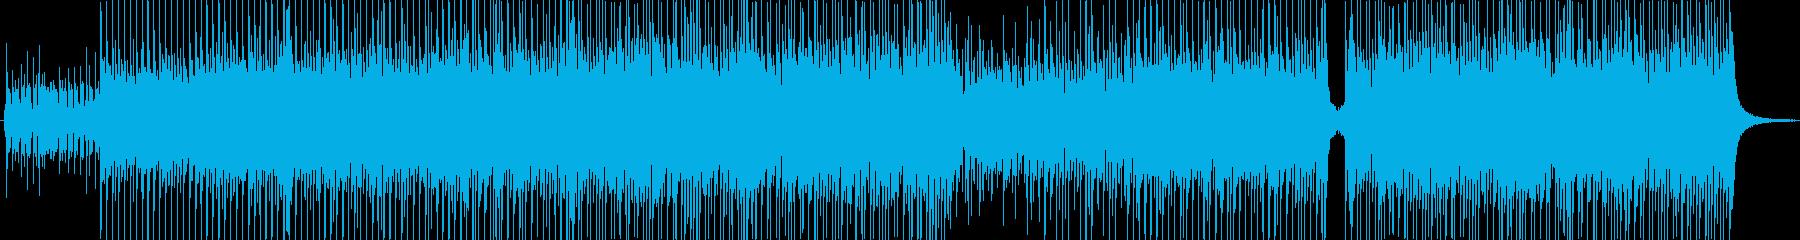 キャッチー、ギター、ロック、CM向けの再生済みの波形